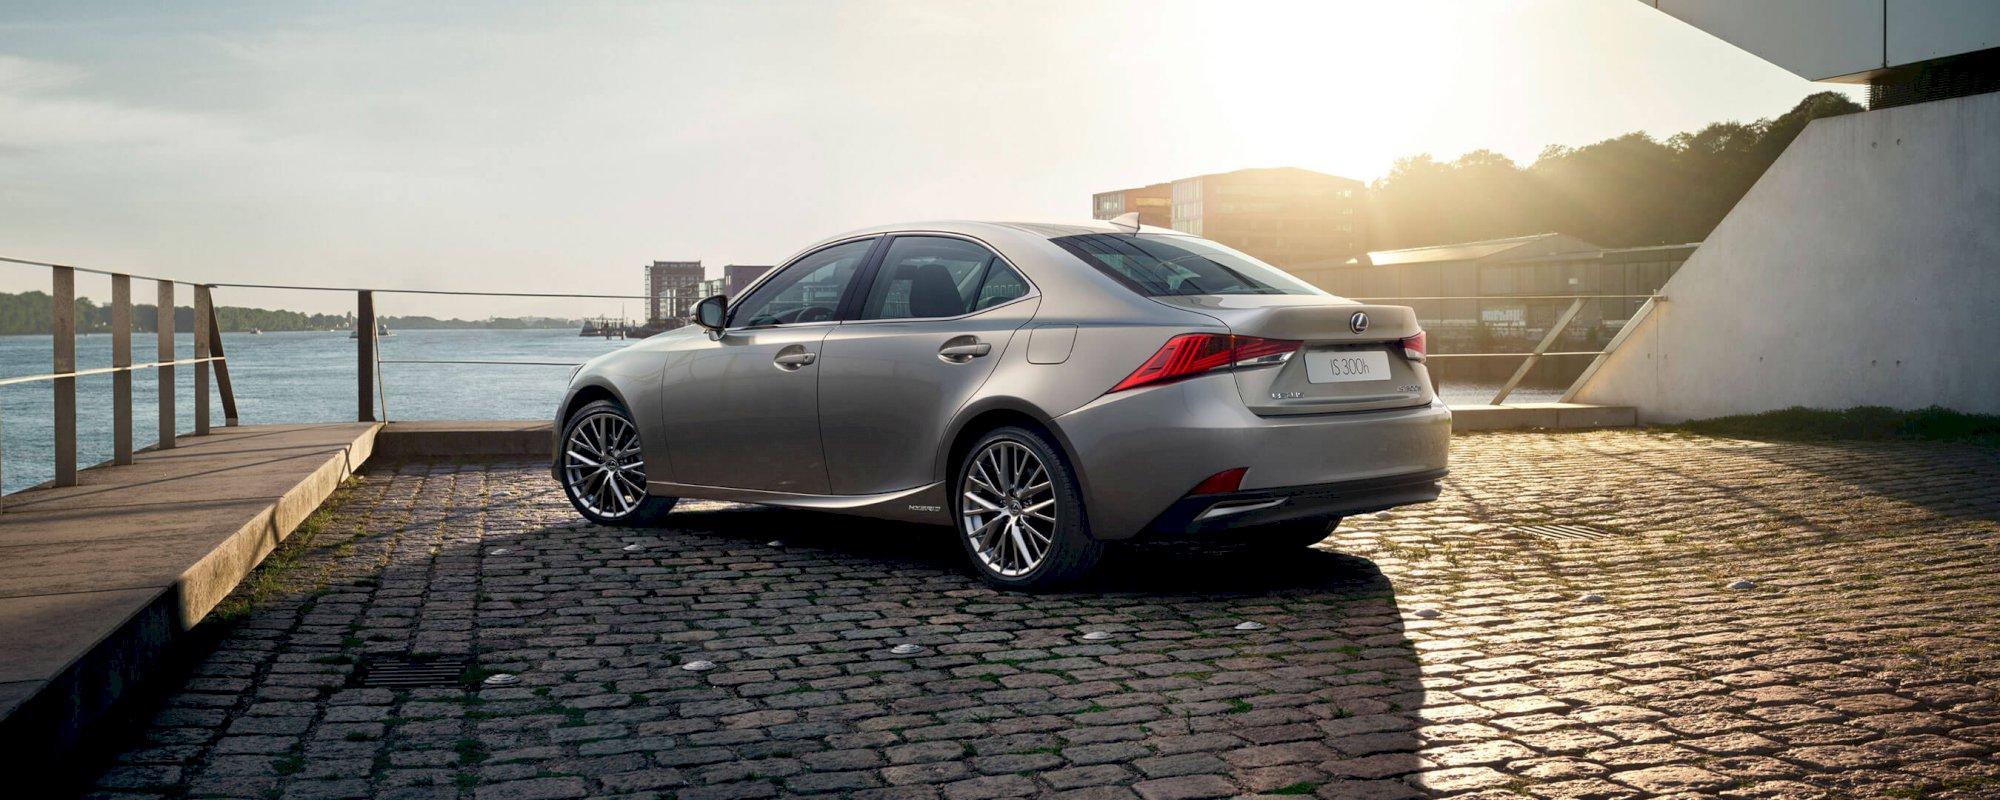 Assurance auto pas chère pour la Lexus IS 300H